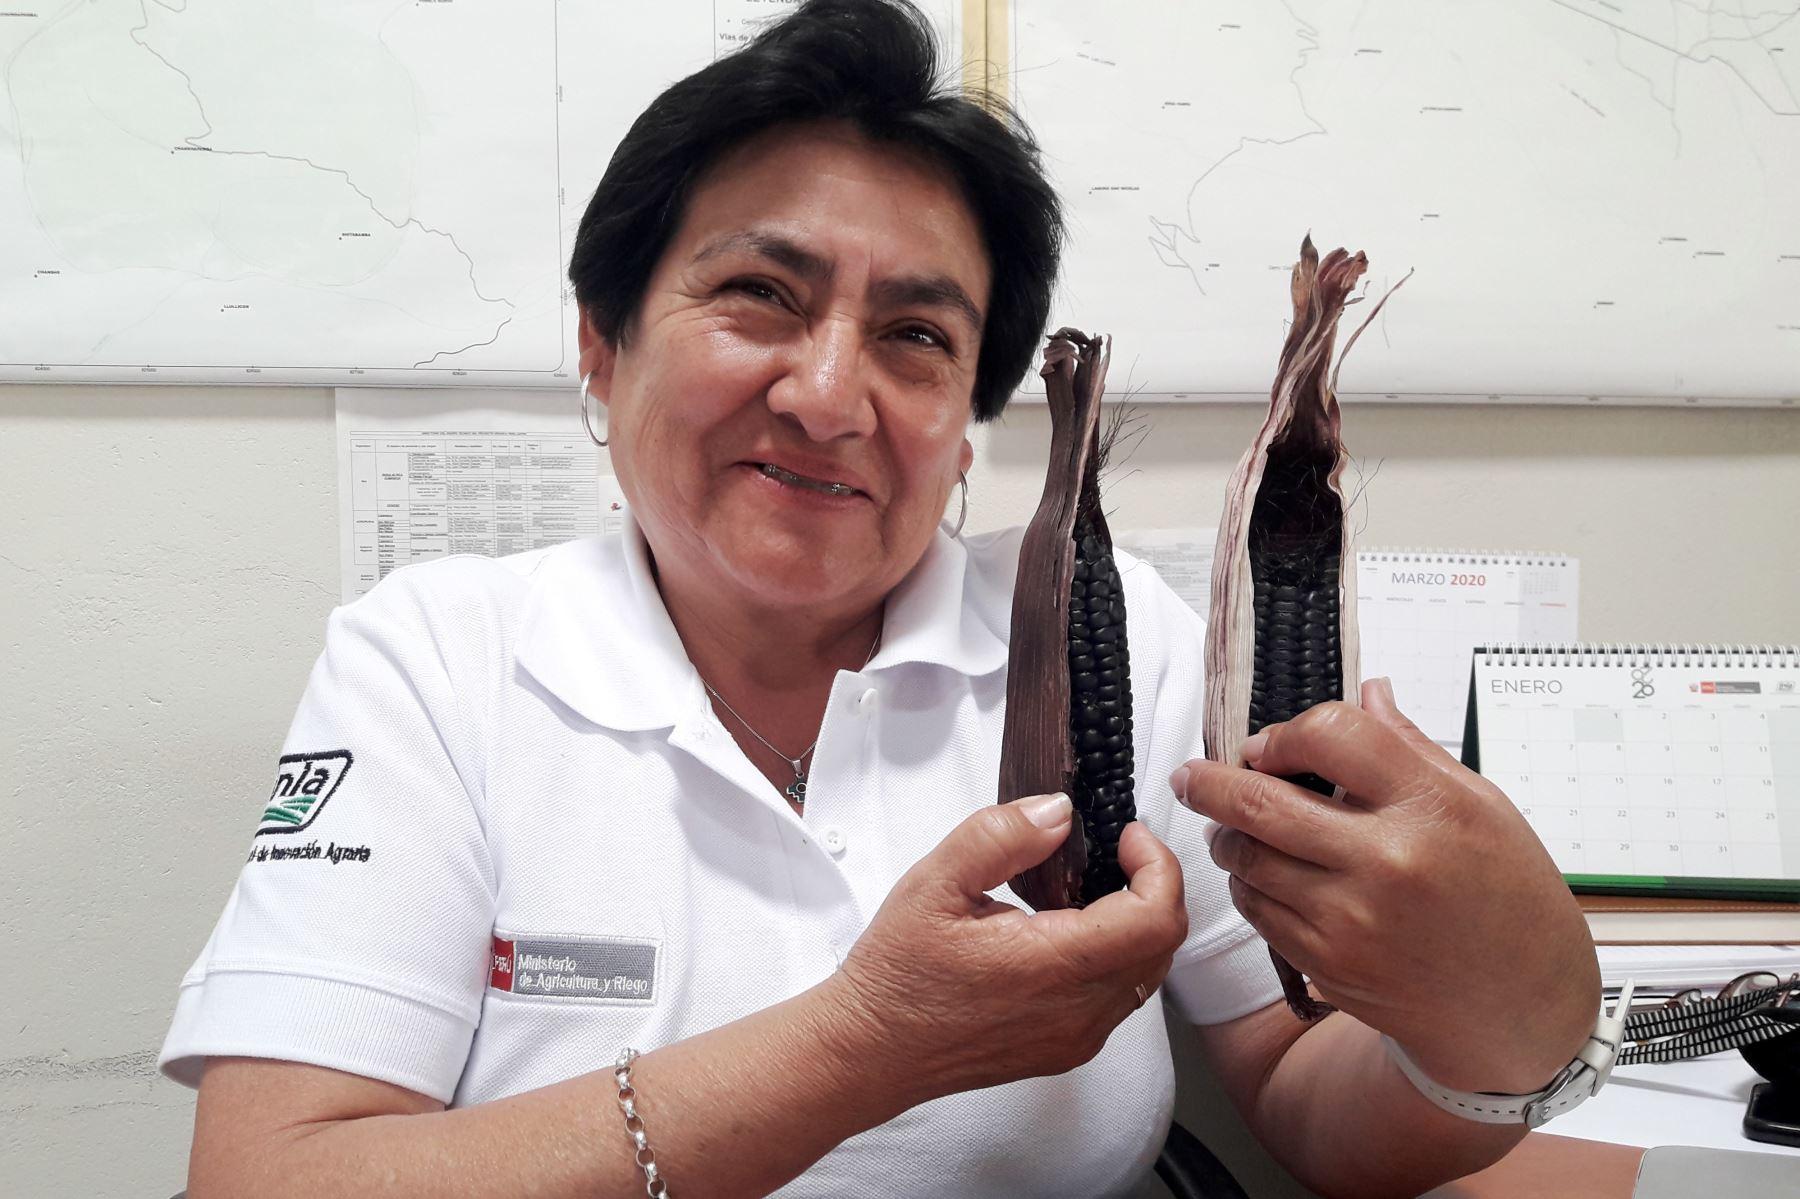 La investigadora cajamarquina Alicia Medina Hoyos obtuvo el primer lugar en el concurso nacional Ingeniera 2020 por los estudios sobre el maíz morado.